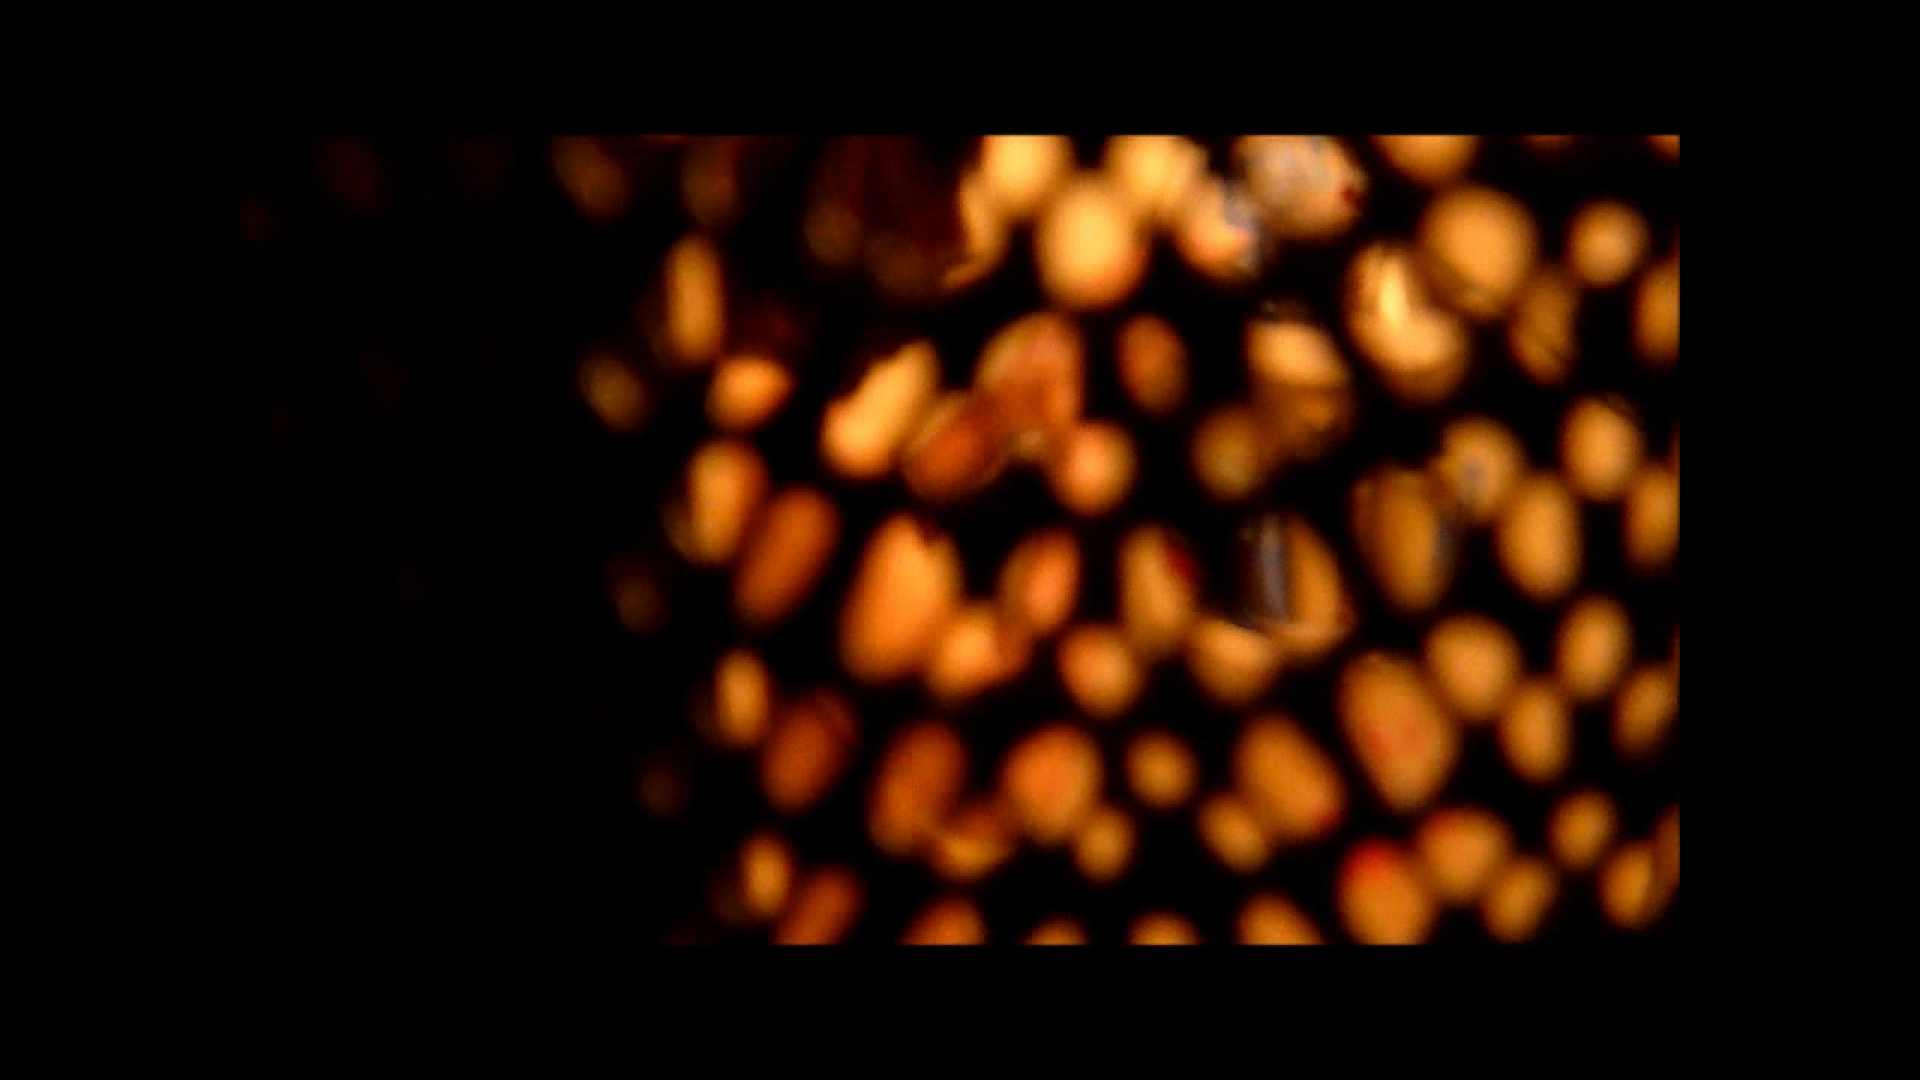 【02】ベランダに侵入して張り込みを始めて・・・やっと結果が出ました。 家宅侵入 | 0  82画像 8